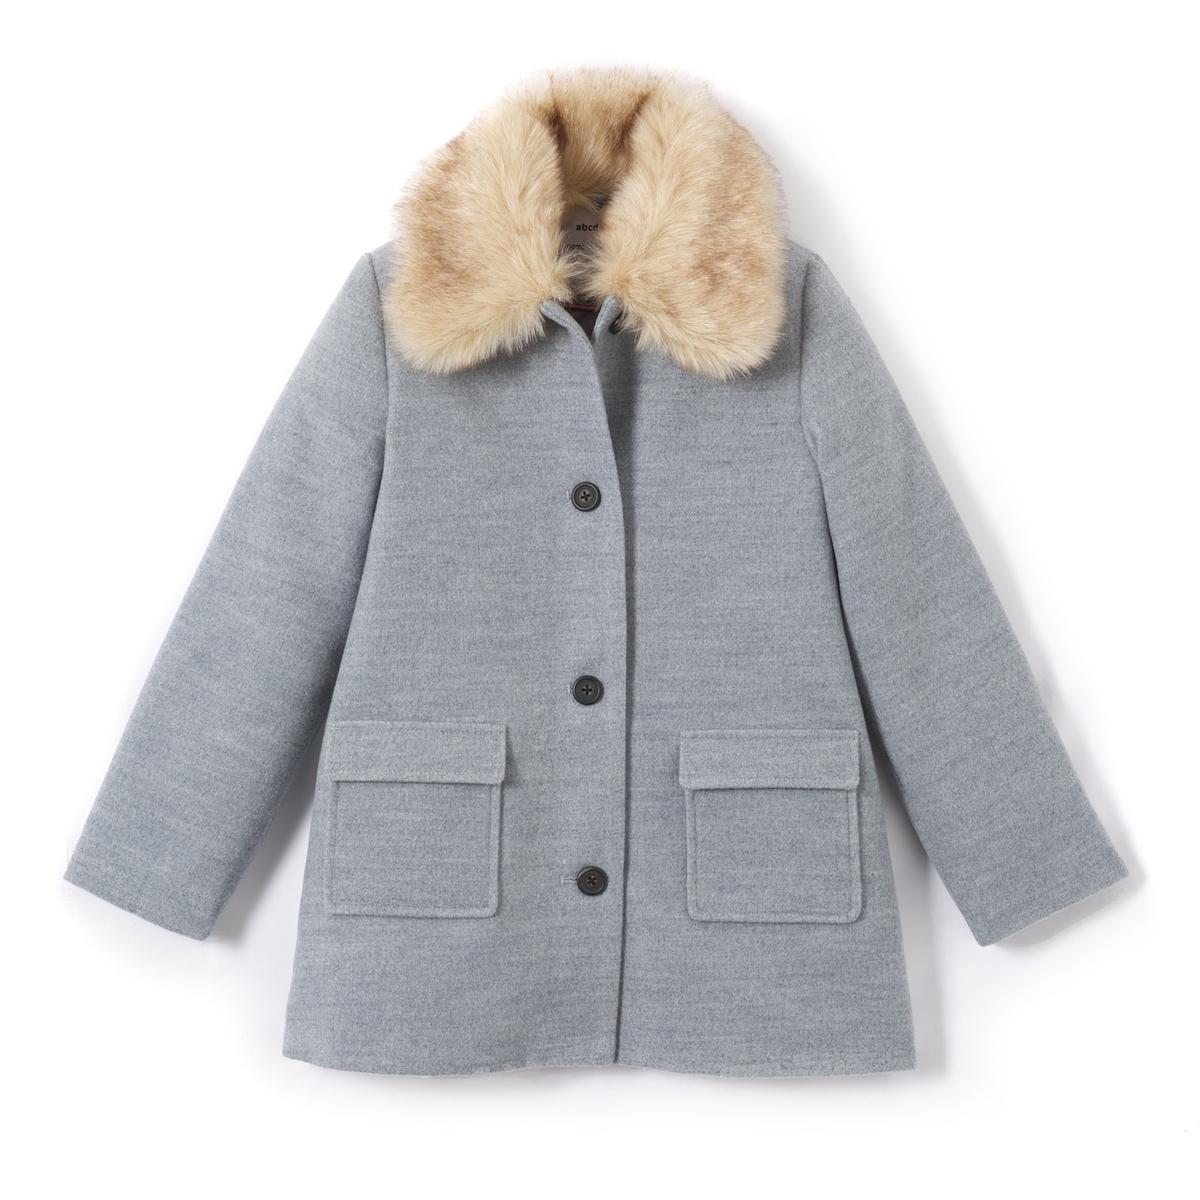 Пальто с воротником из искусственного меха, 3-12 летДетали •  Зимняя модель •  Непромокаемая •  Застежка на молнию •  С капюшоном •  Длина  : средняяСостав и уход •  93% полиэстера, 6% вискозы, 1% эластана •  Подкладка : 100% полиэстер •  Температура стирки 30° •  Сухая чистка и отбеливатели запрещены • Барабанная сушка на слабом режиме       •  Низкая температура глажки<br><br>Цвет: светло-серый меланж<br>Размер: 12 лет -150 см